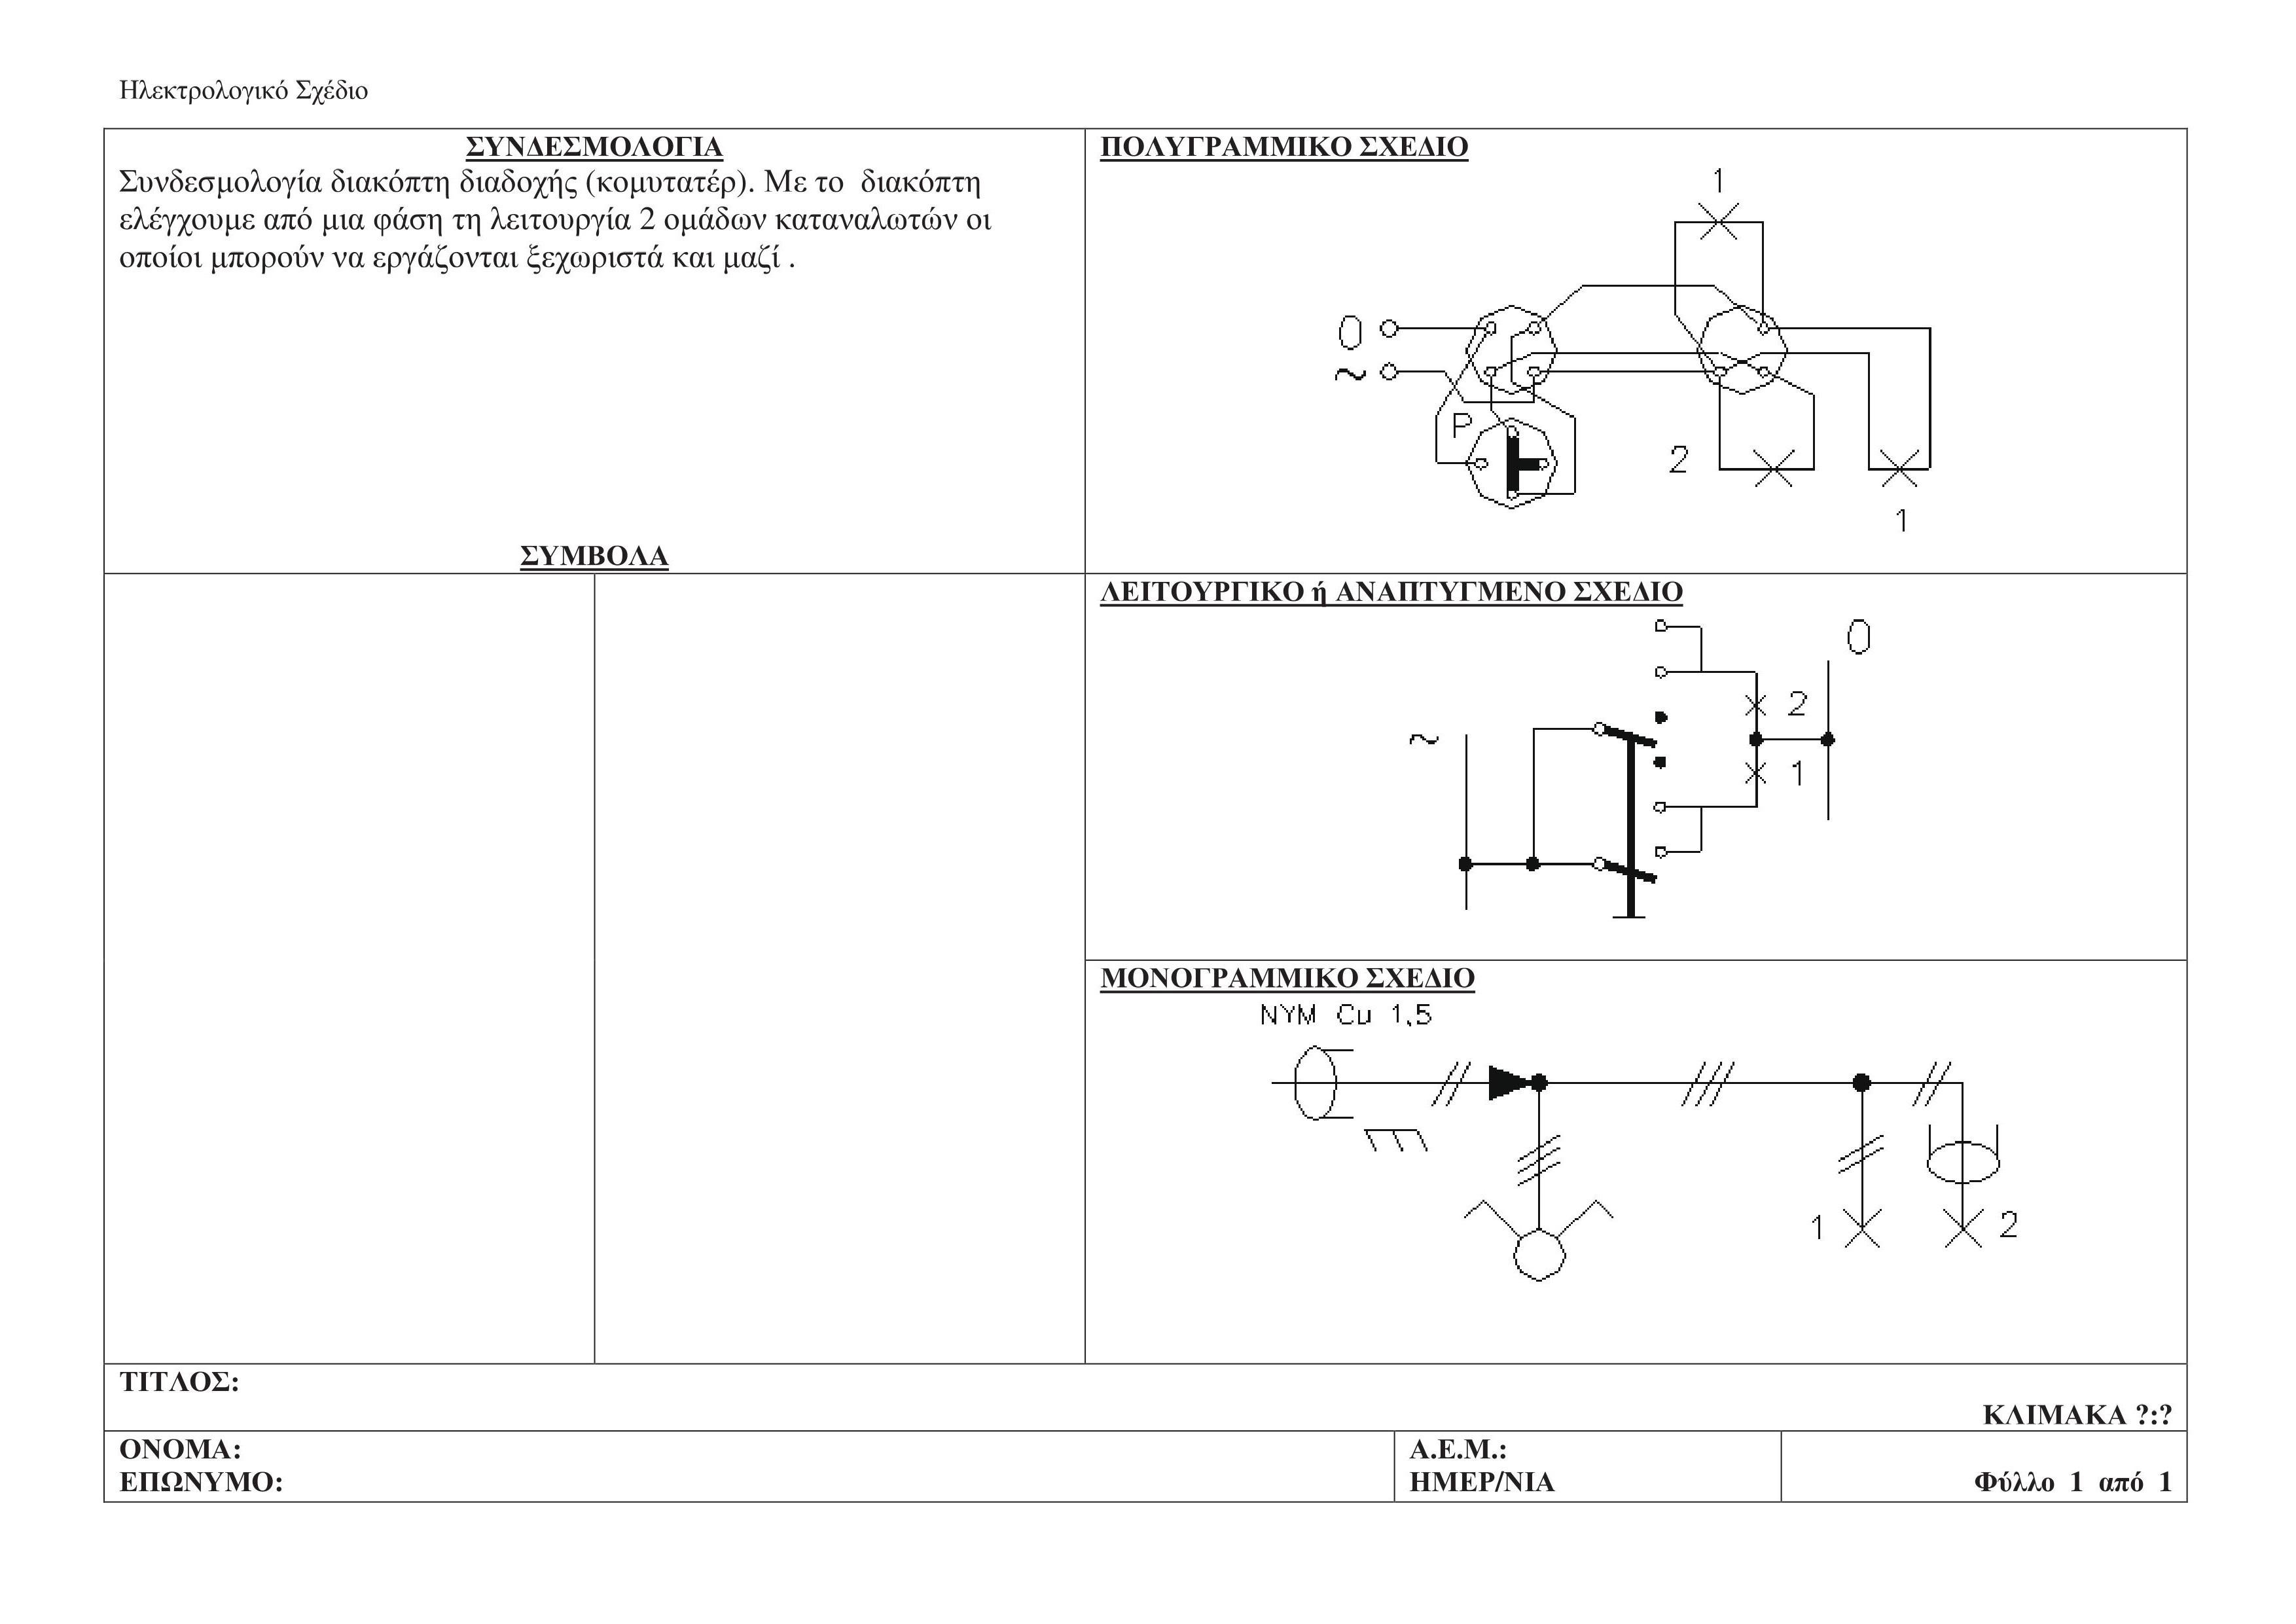 Ηλεκτρολογικό Σχέδιο 4